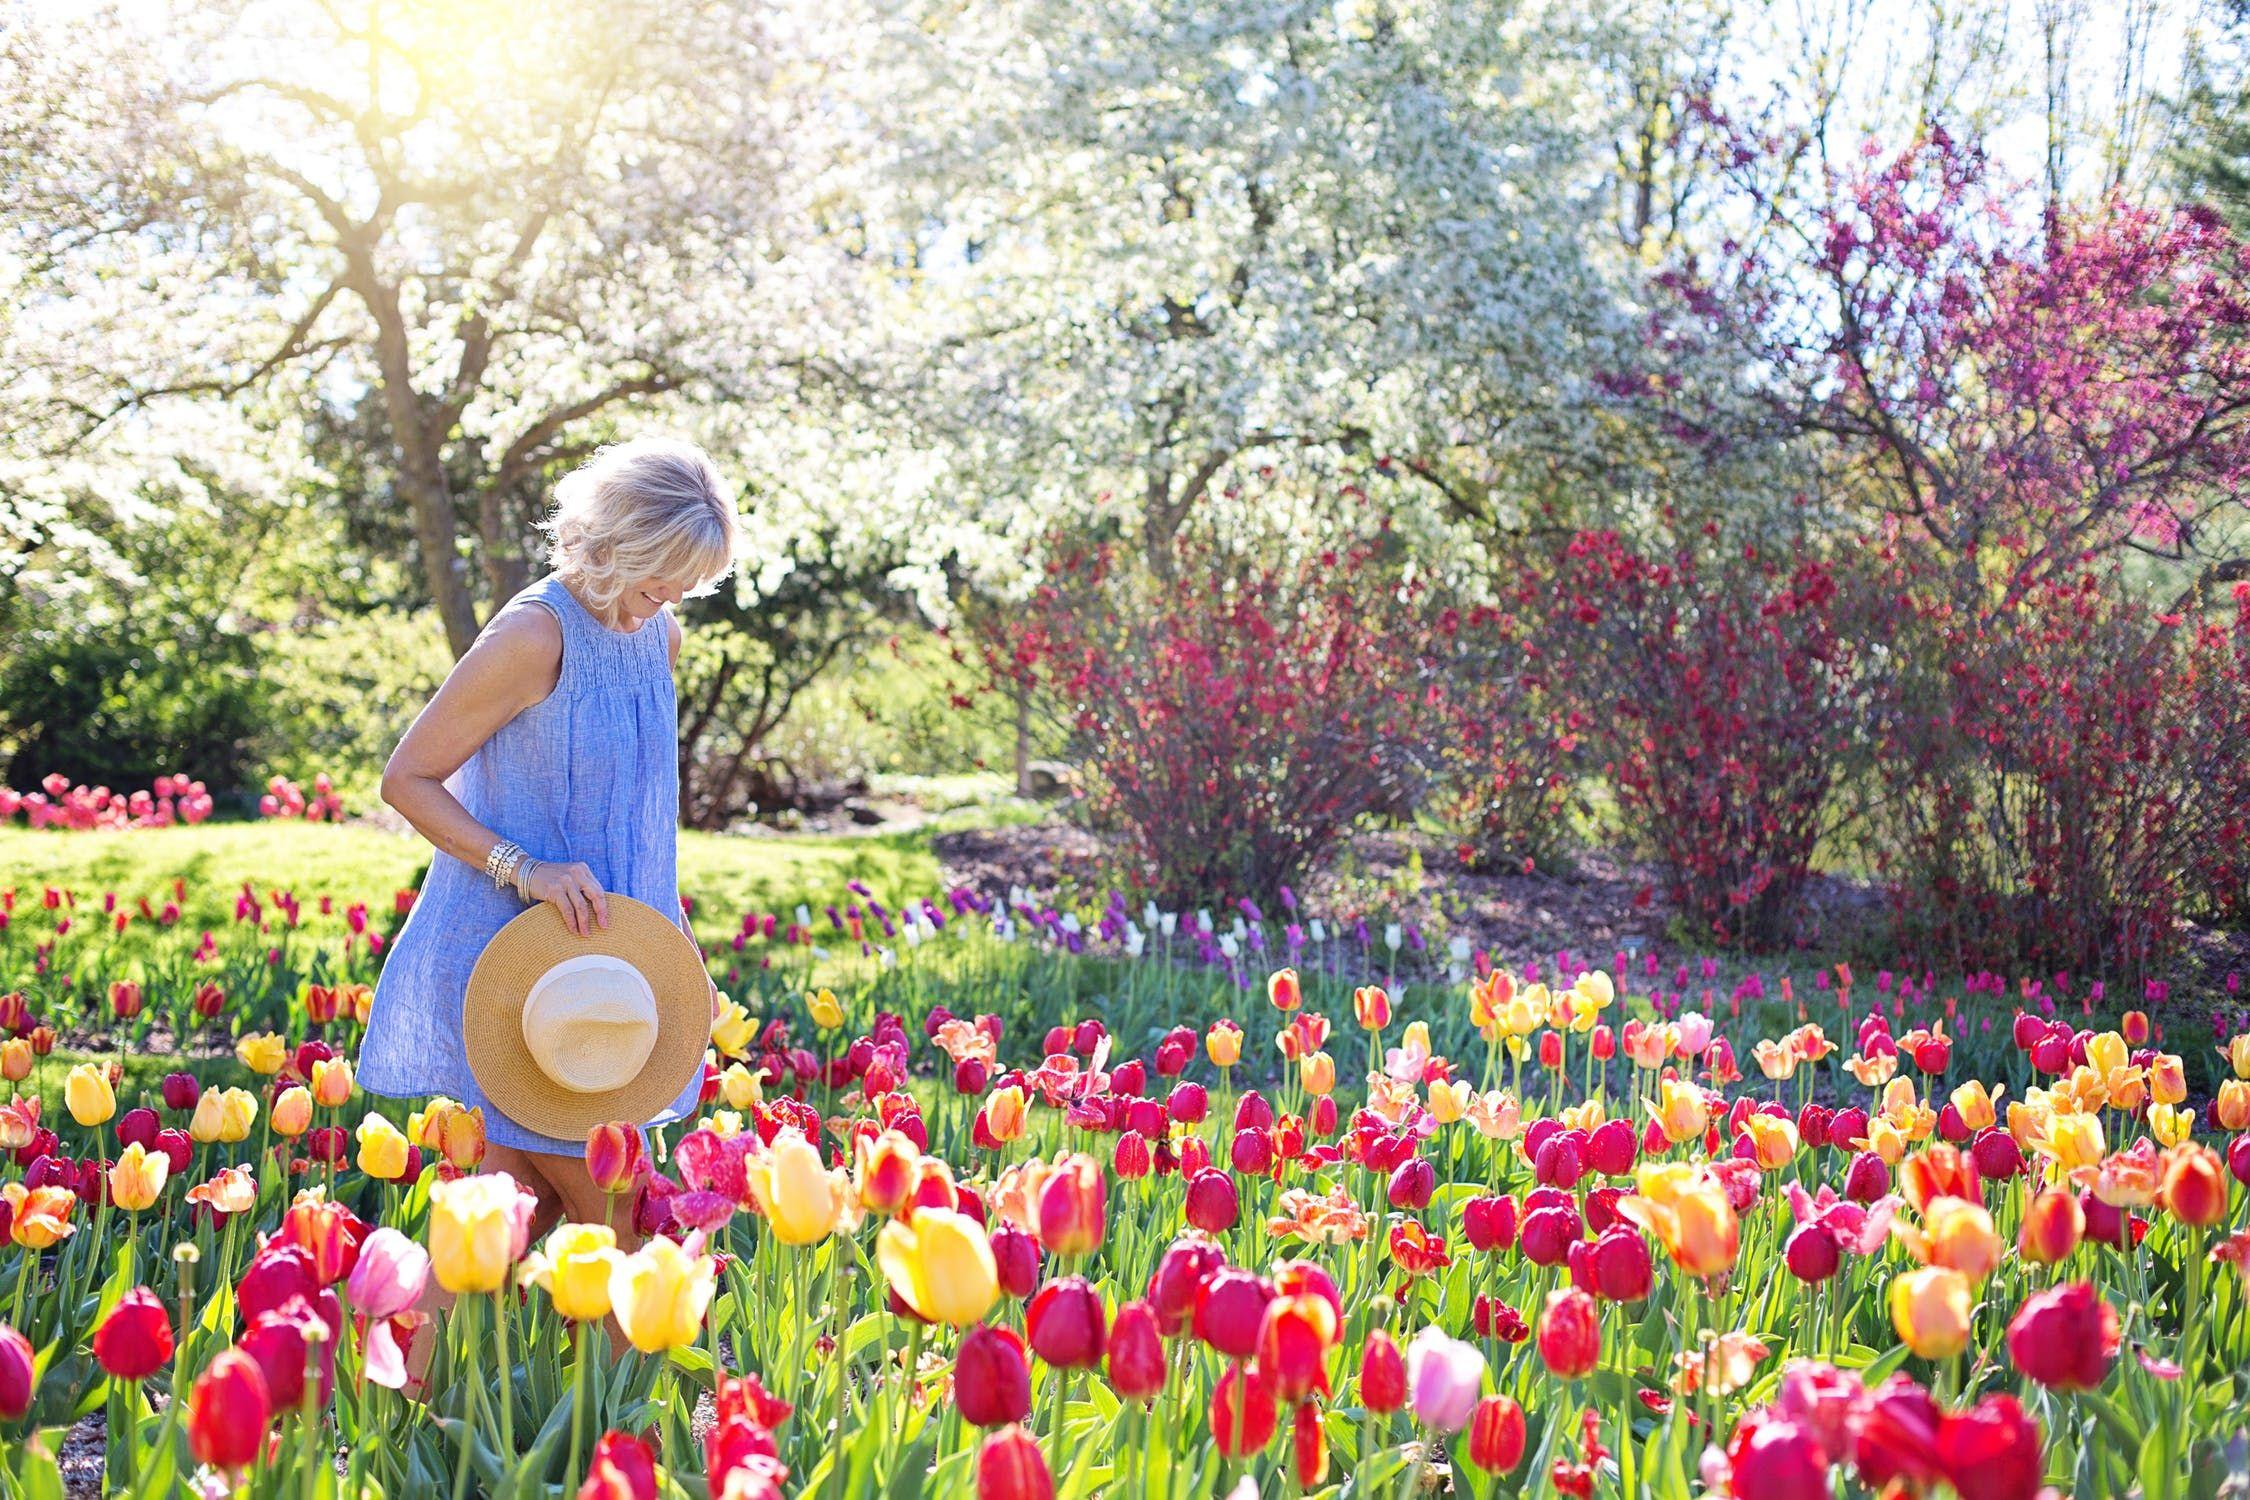 Comment Faire Un Beau Jardin fleurs de printemps: comment créer un beau jardin (avec